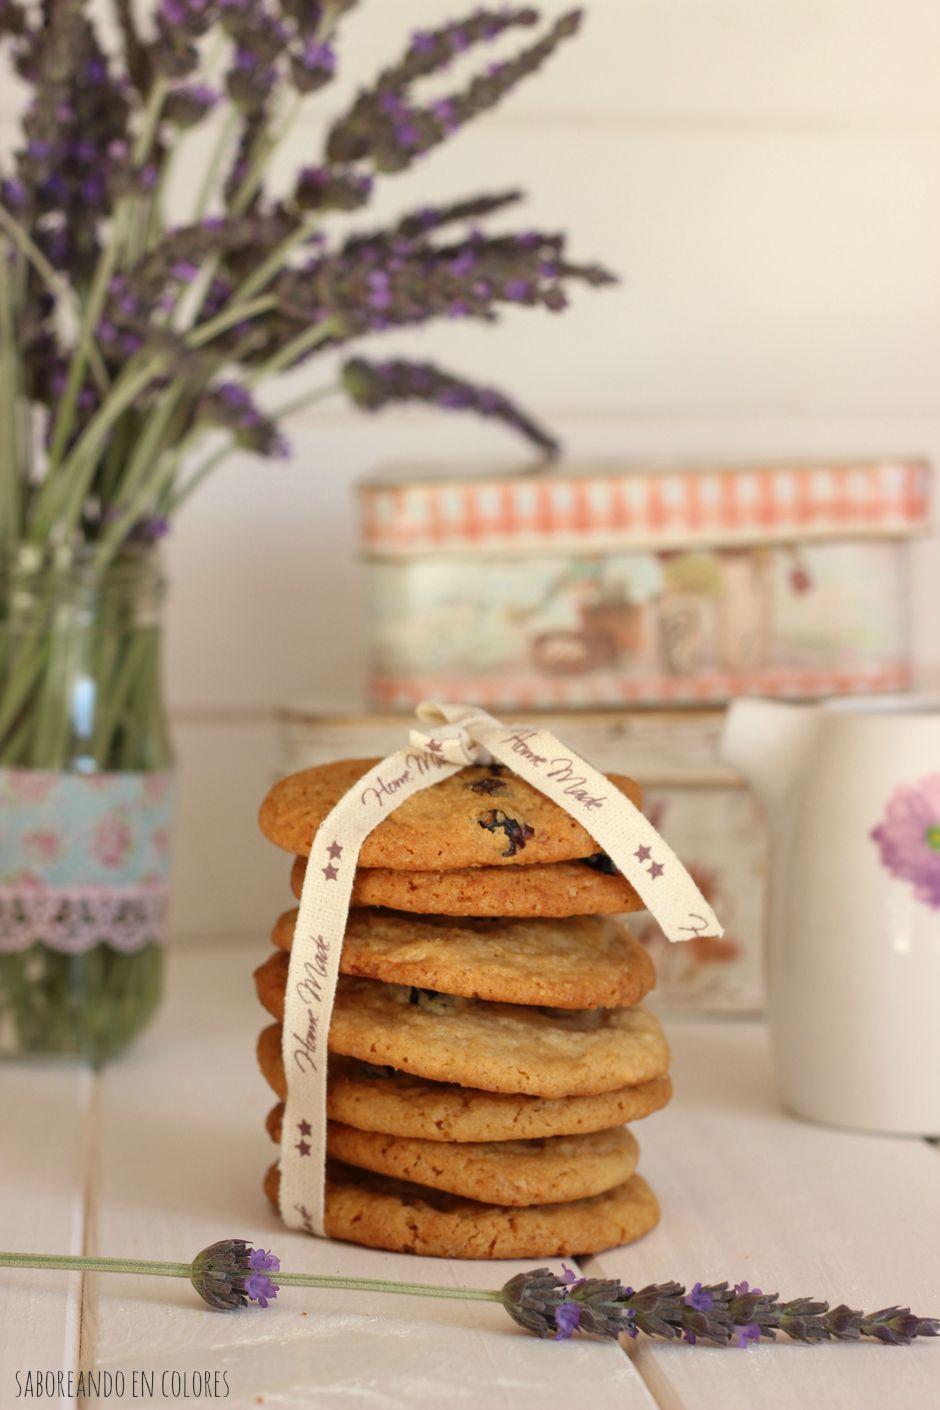 galletas-choco-blanco-y-arandanos2